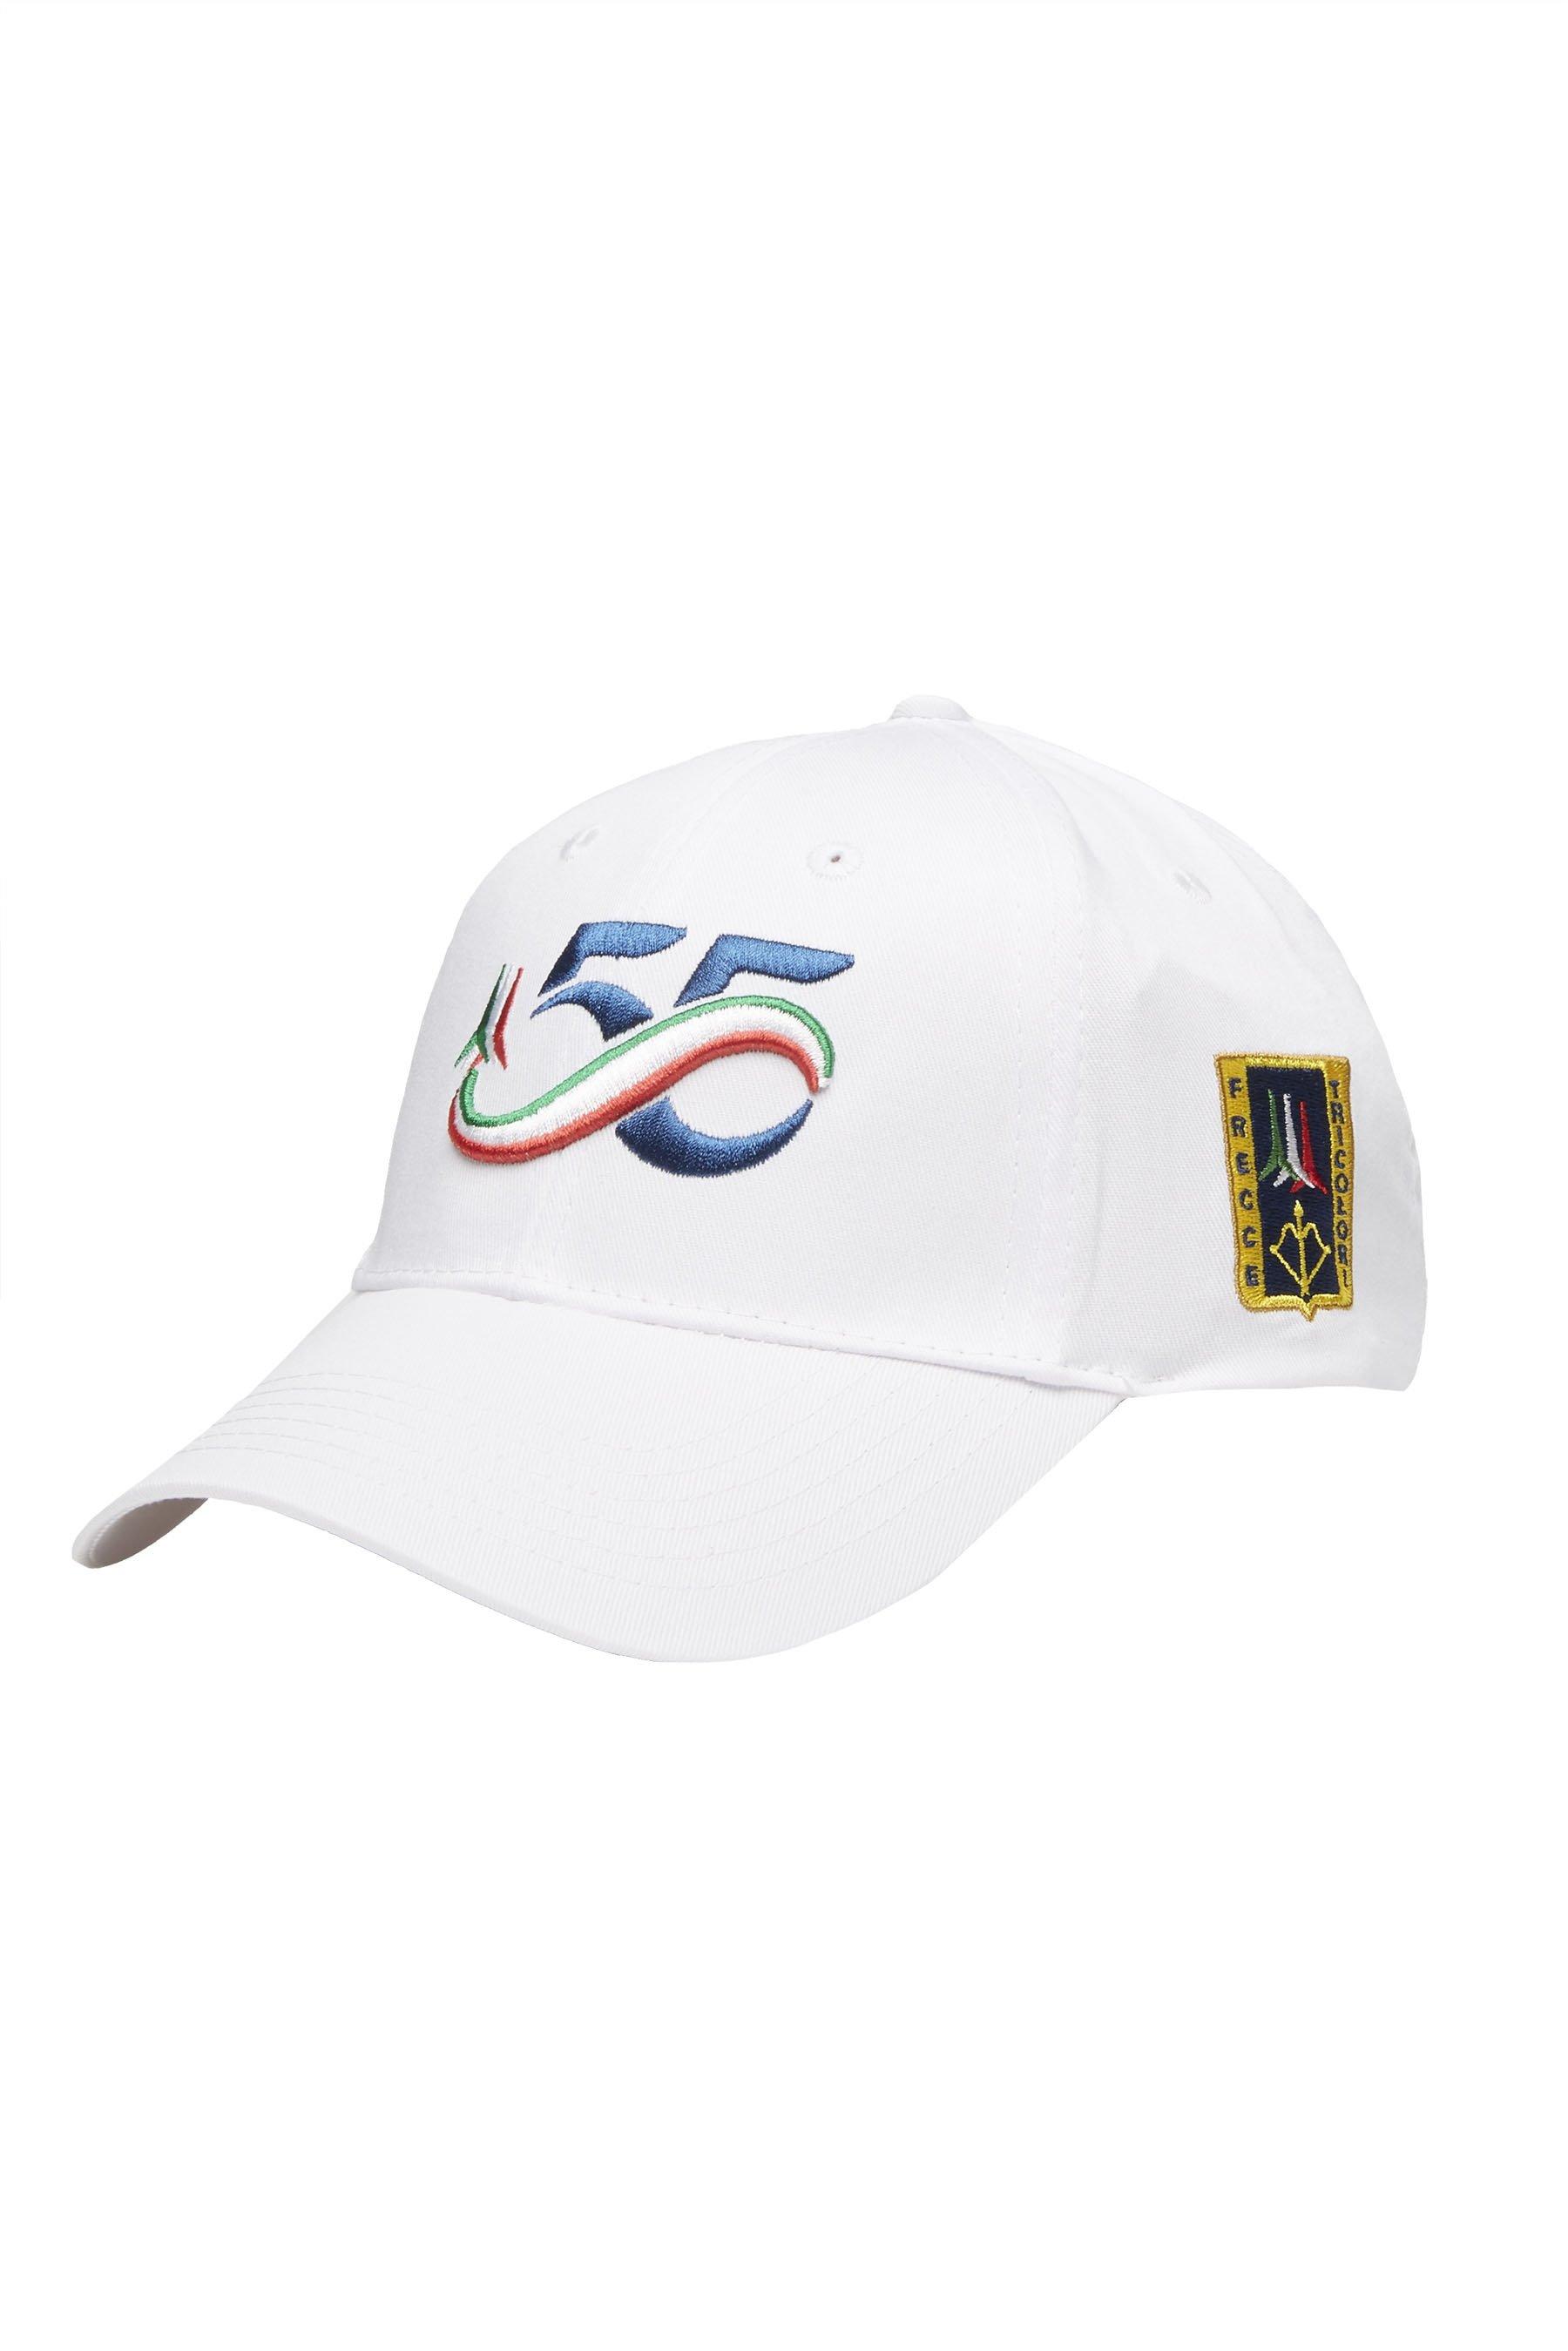 Cap 55 Frecce Tricolori                  1